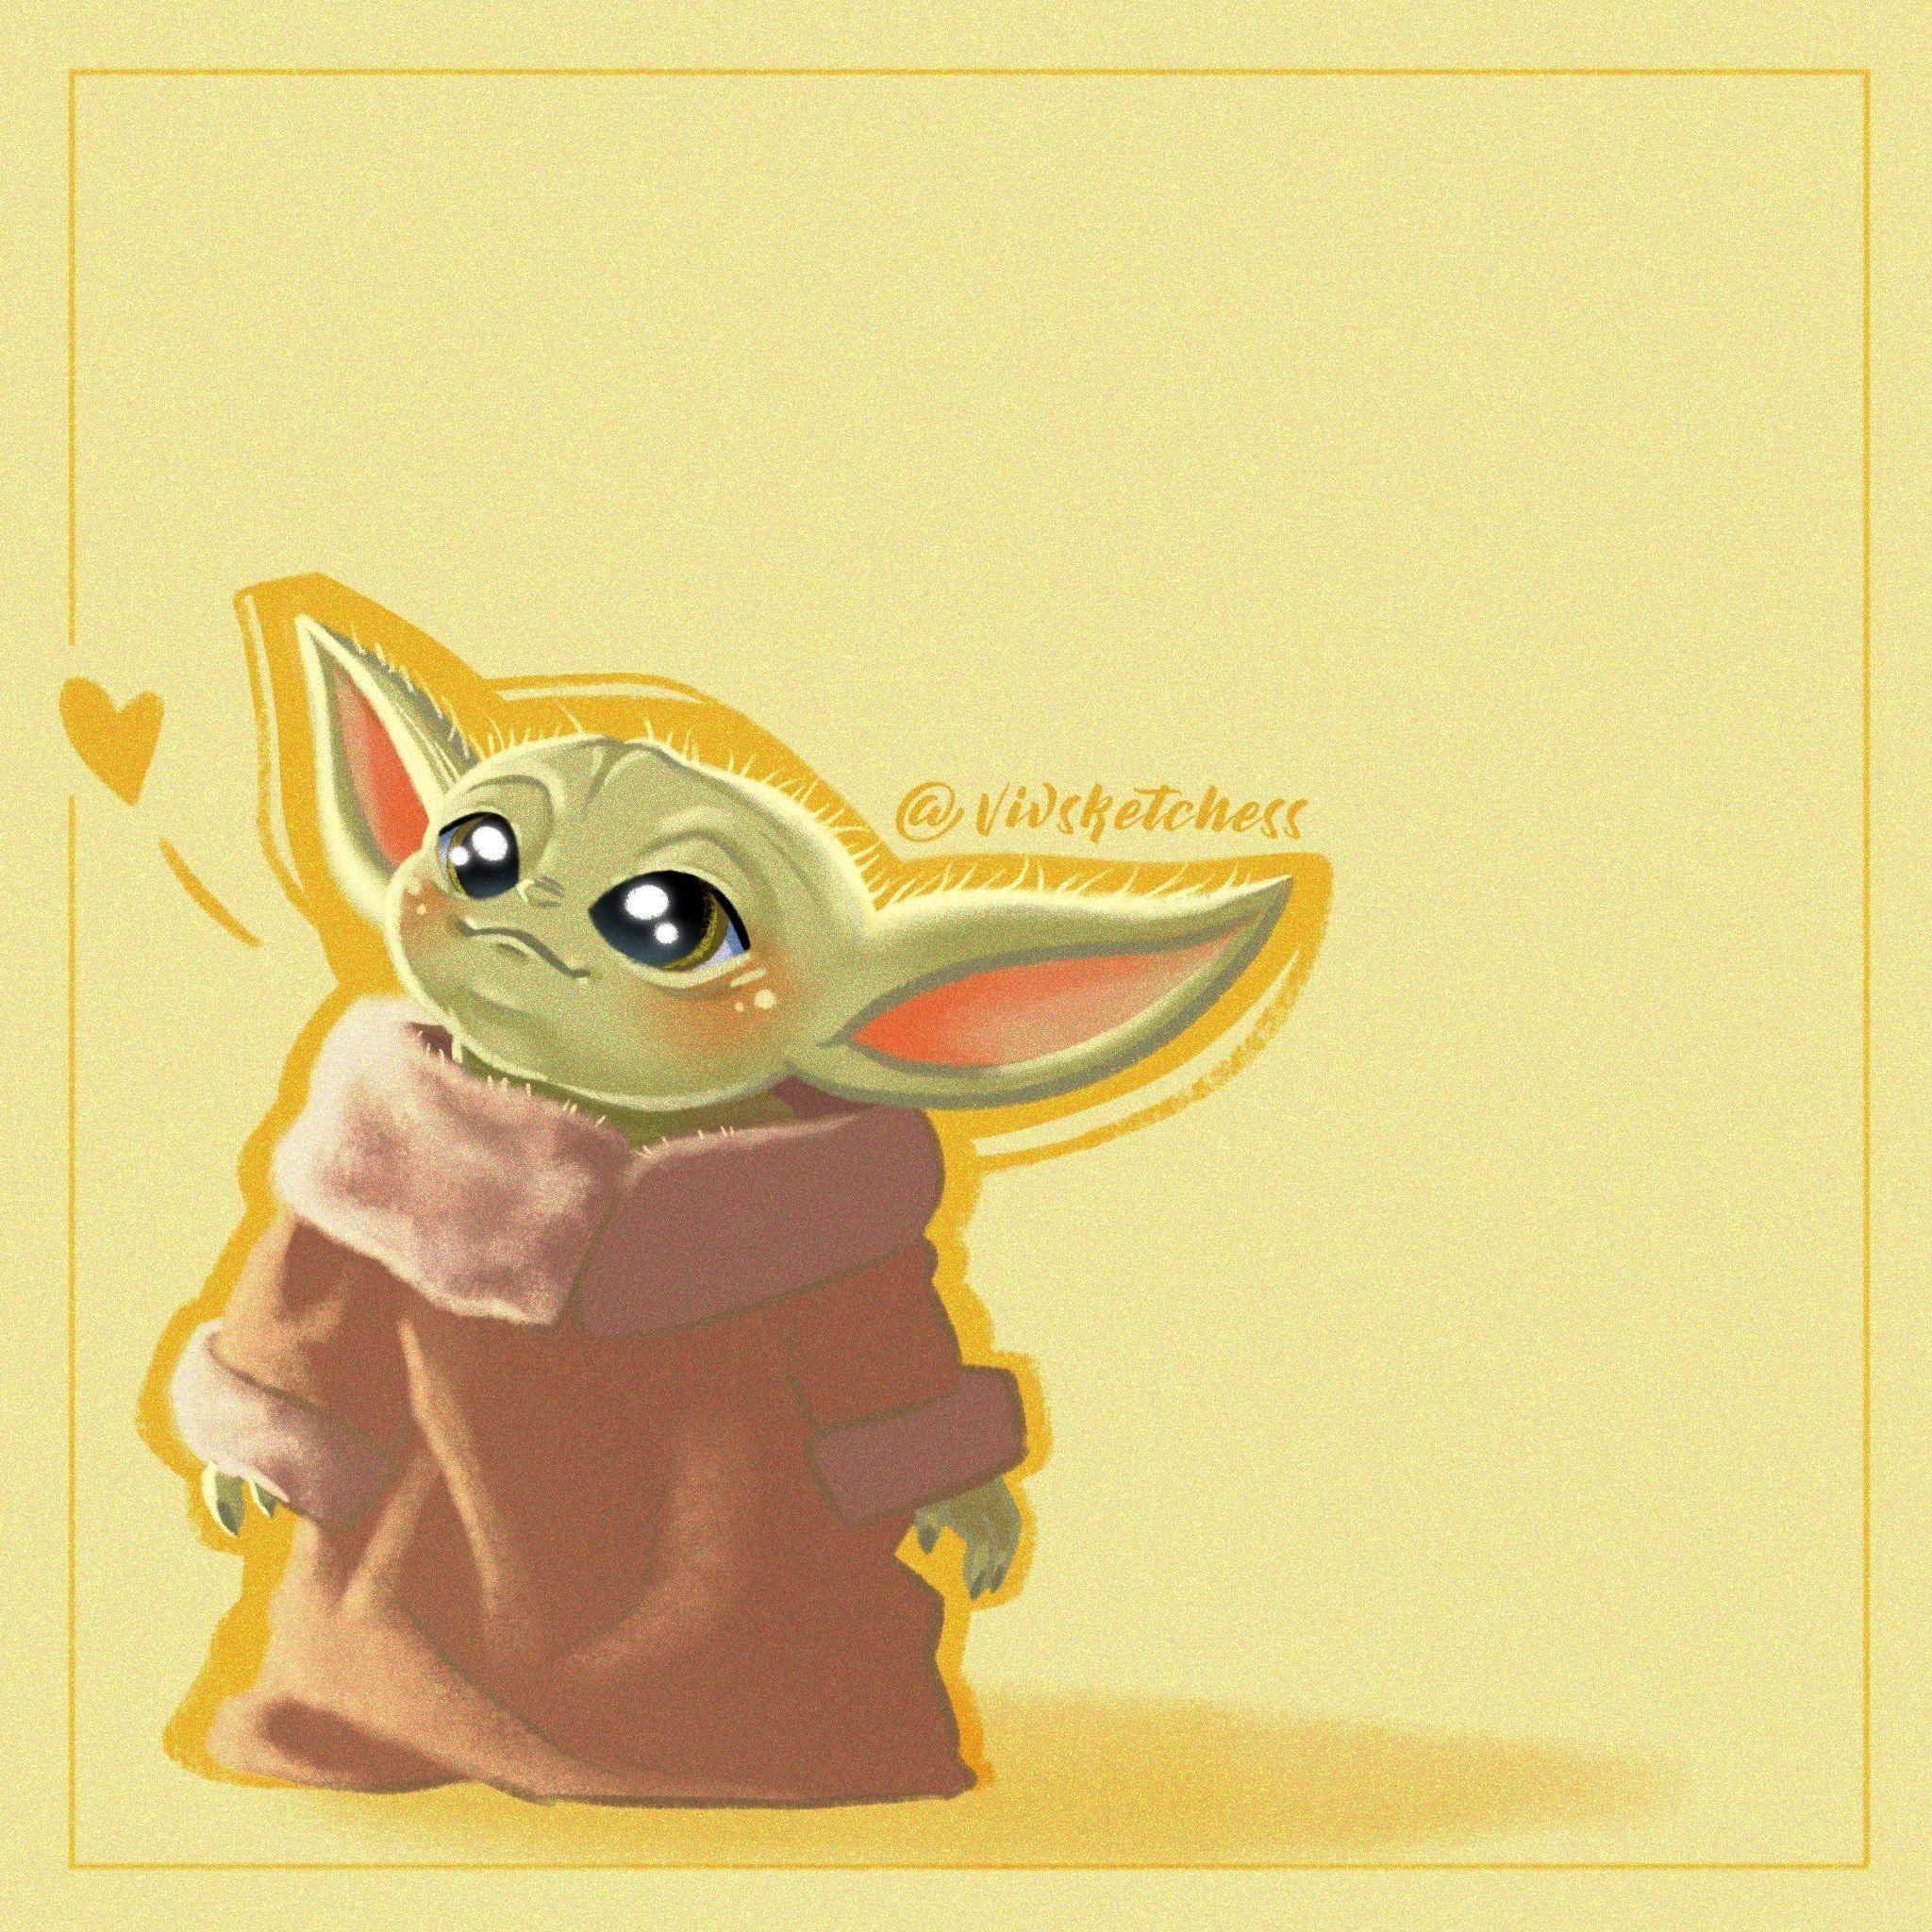 Pin By Clara Nicolet On Estar Guars Star Wars Art Yoda Wallpaper Star Wars Fandom